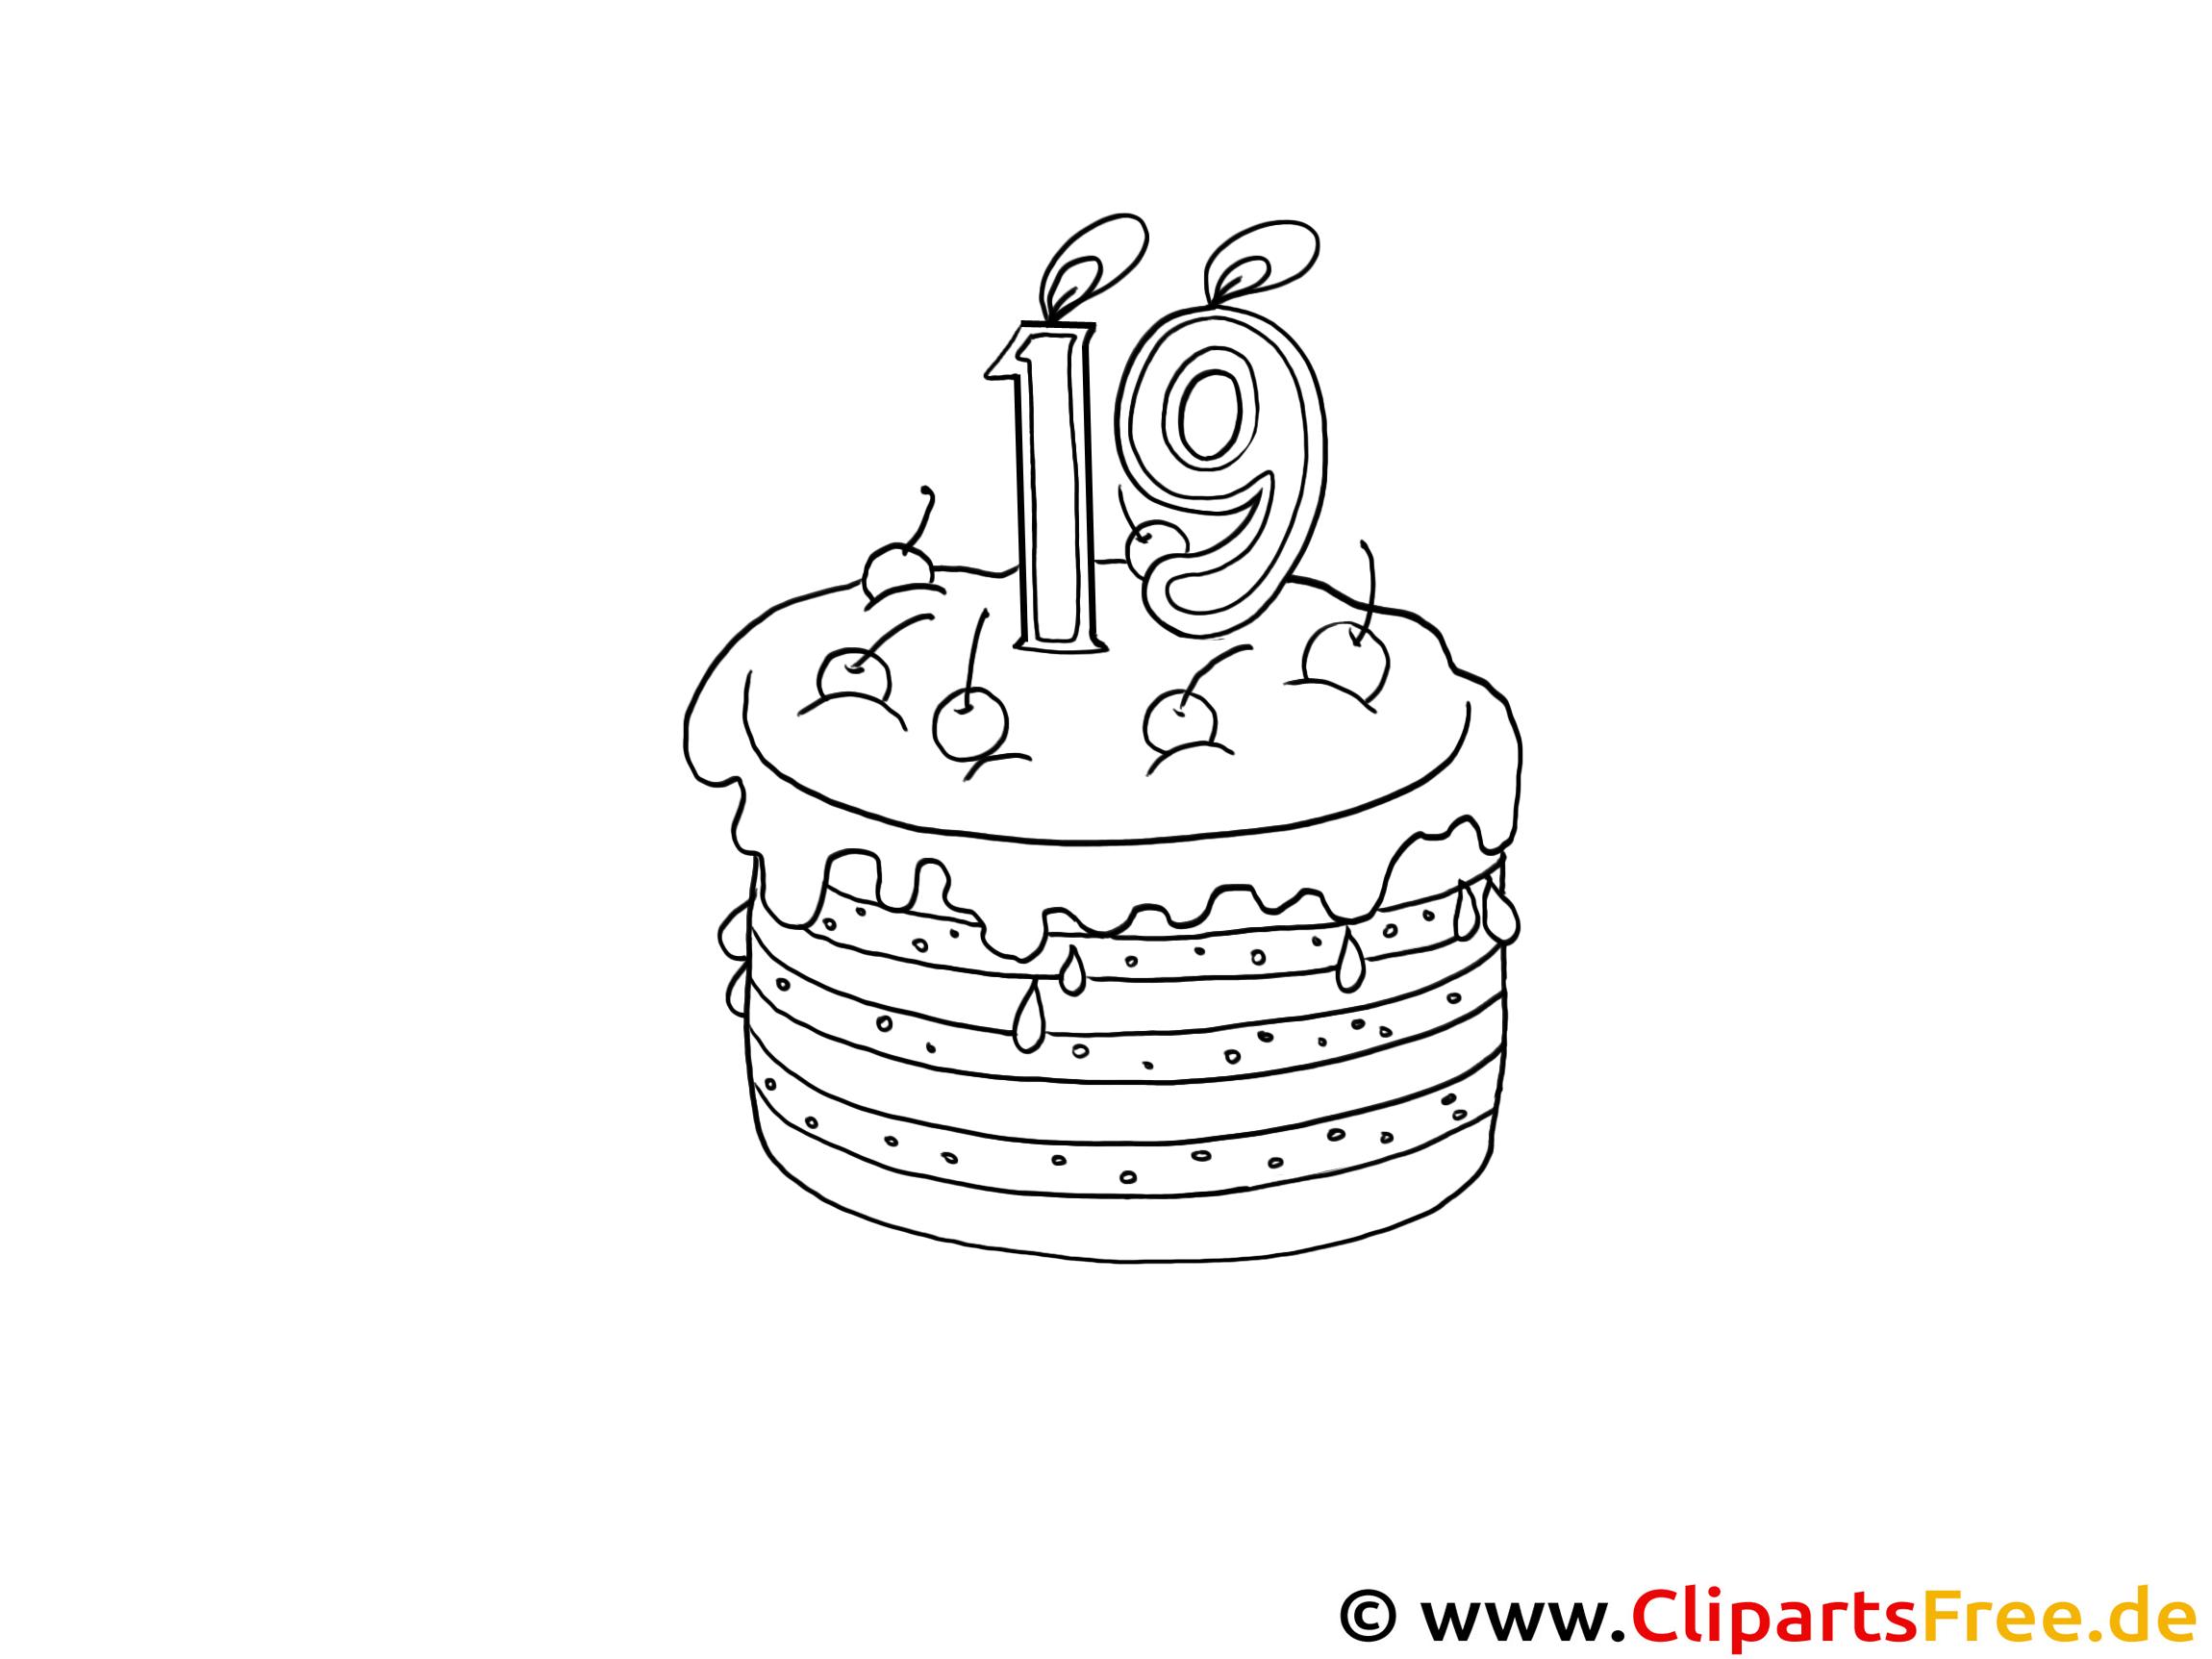 Geburtstagstorte - Kostenlose Ausmalbilder für Kinder